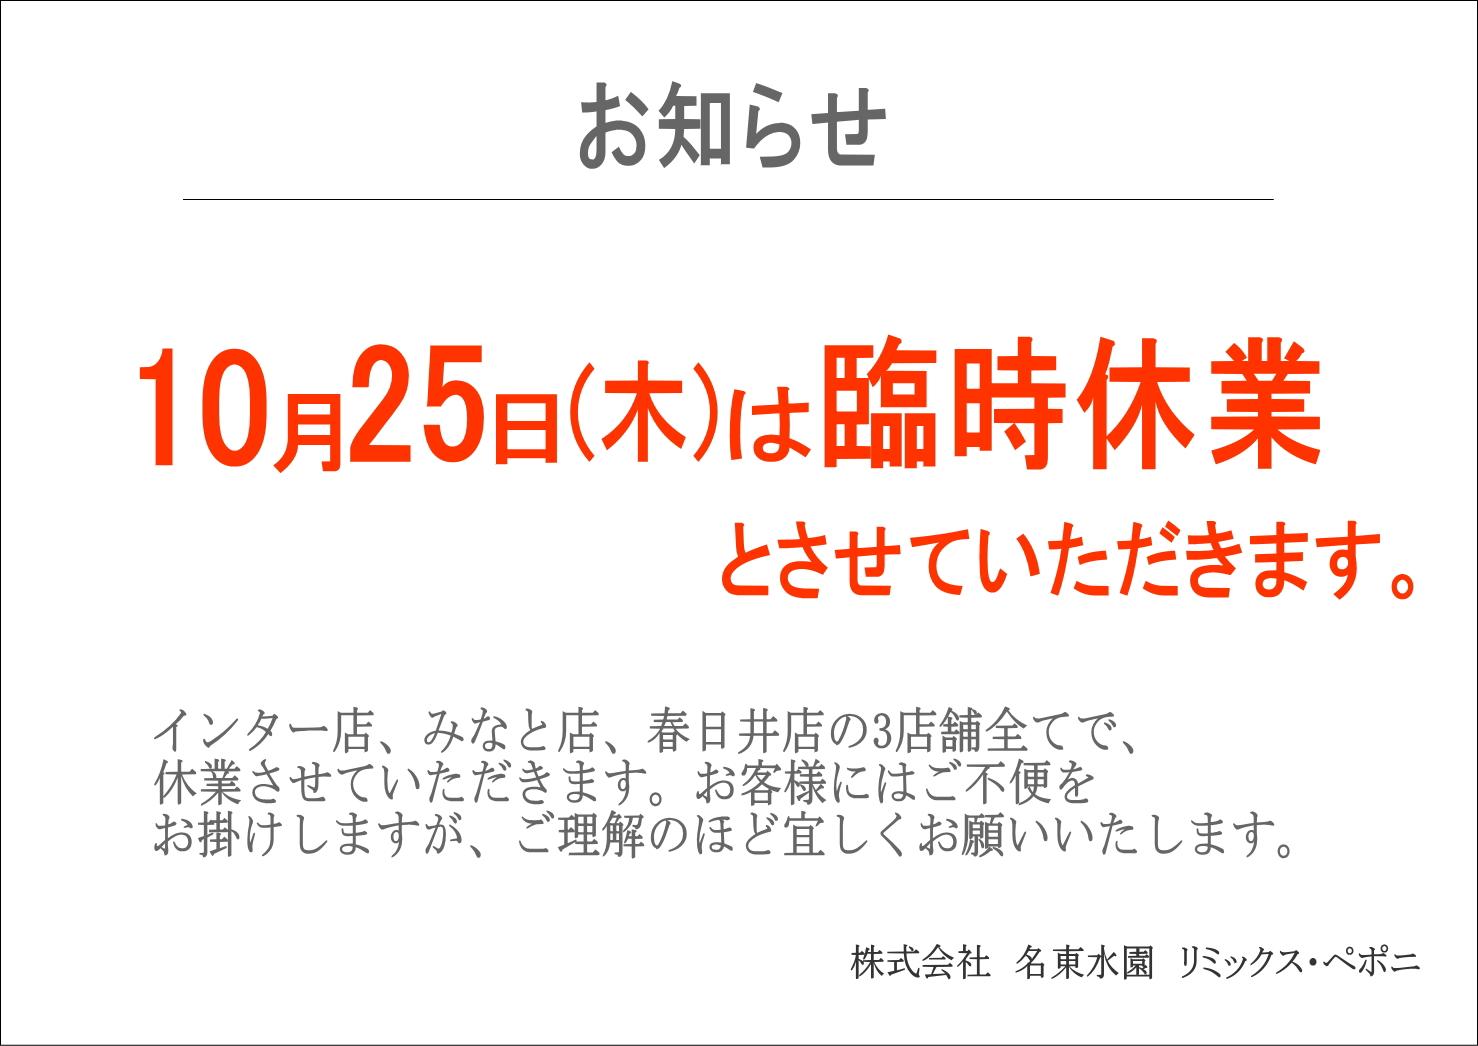 10月25日は臨時休業を頂戴致します。